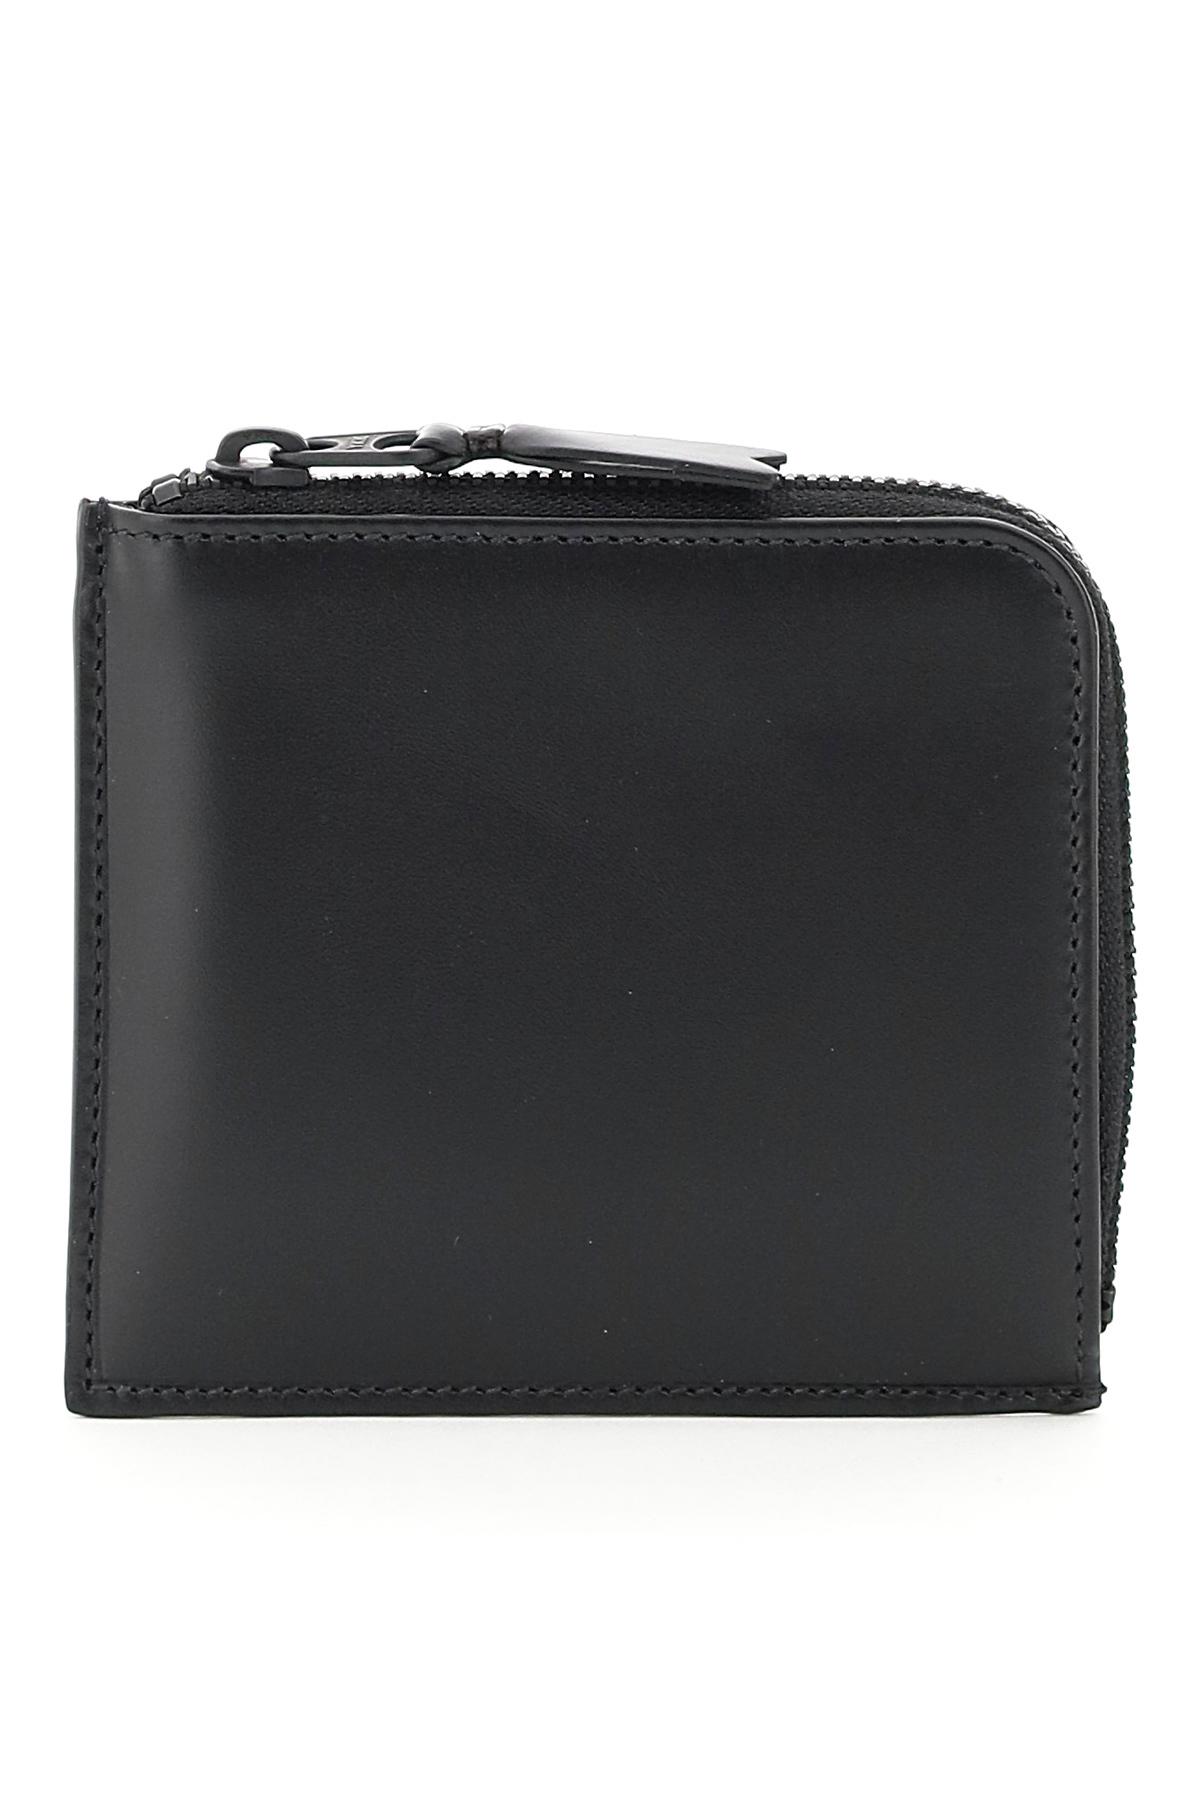 Comme des garcons wallet portafoglio flat very black